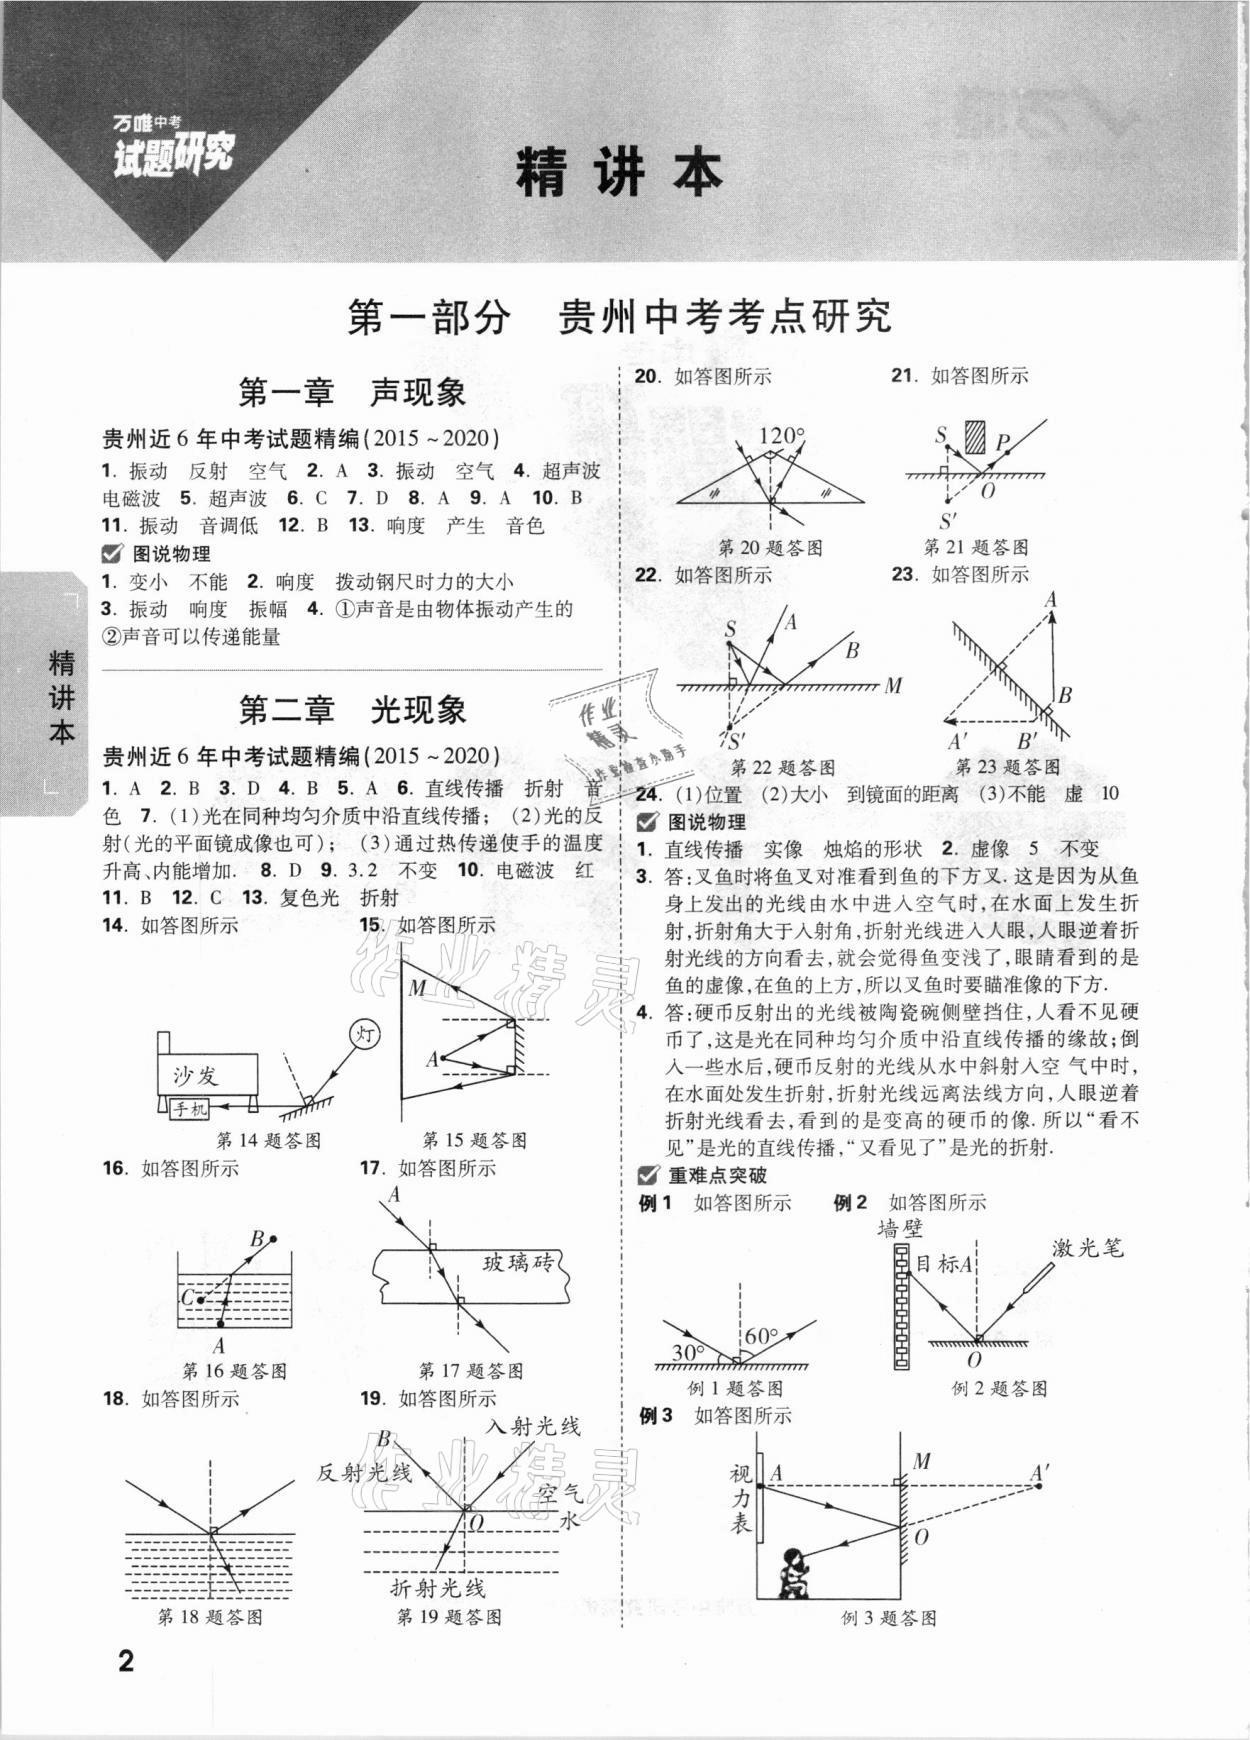 2021年万唯中考试题研究物理贵州专版参考答案第1页